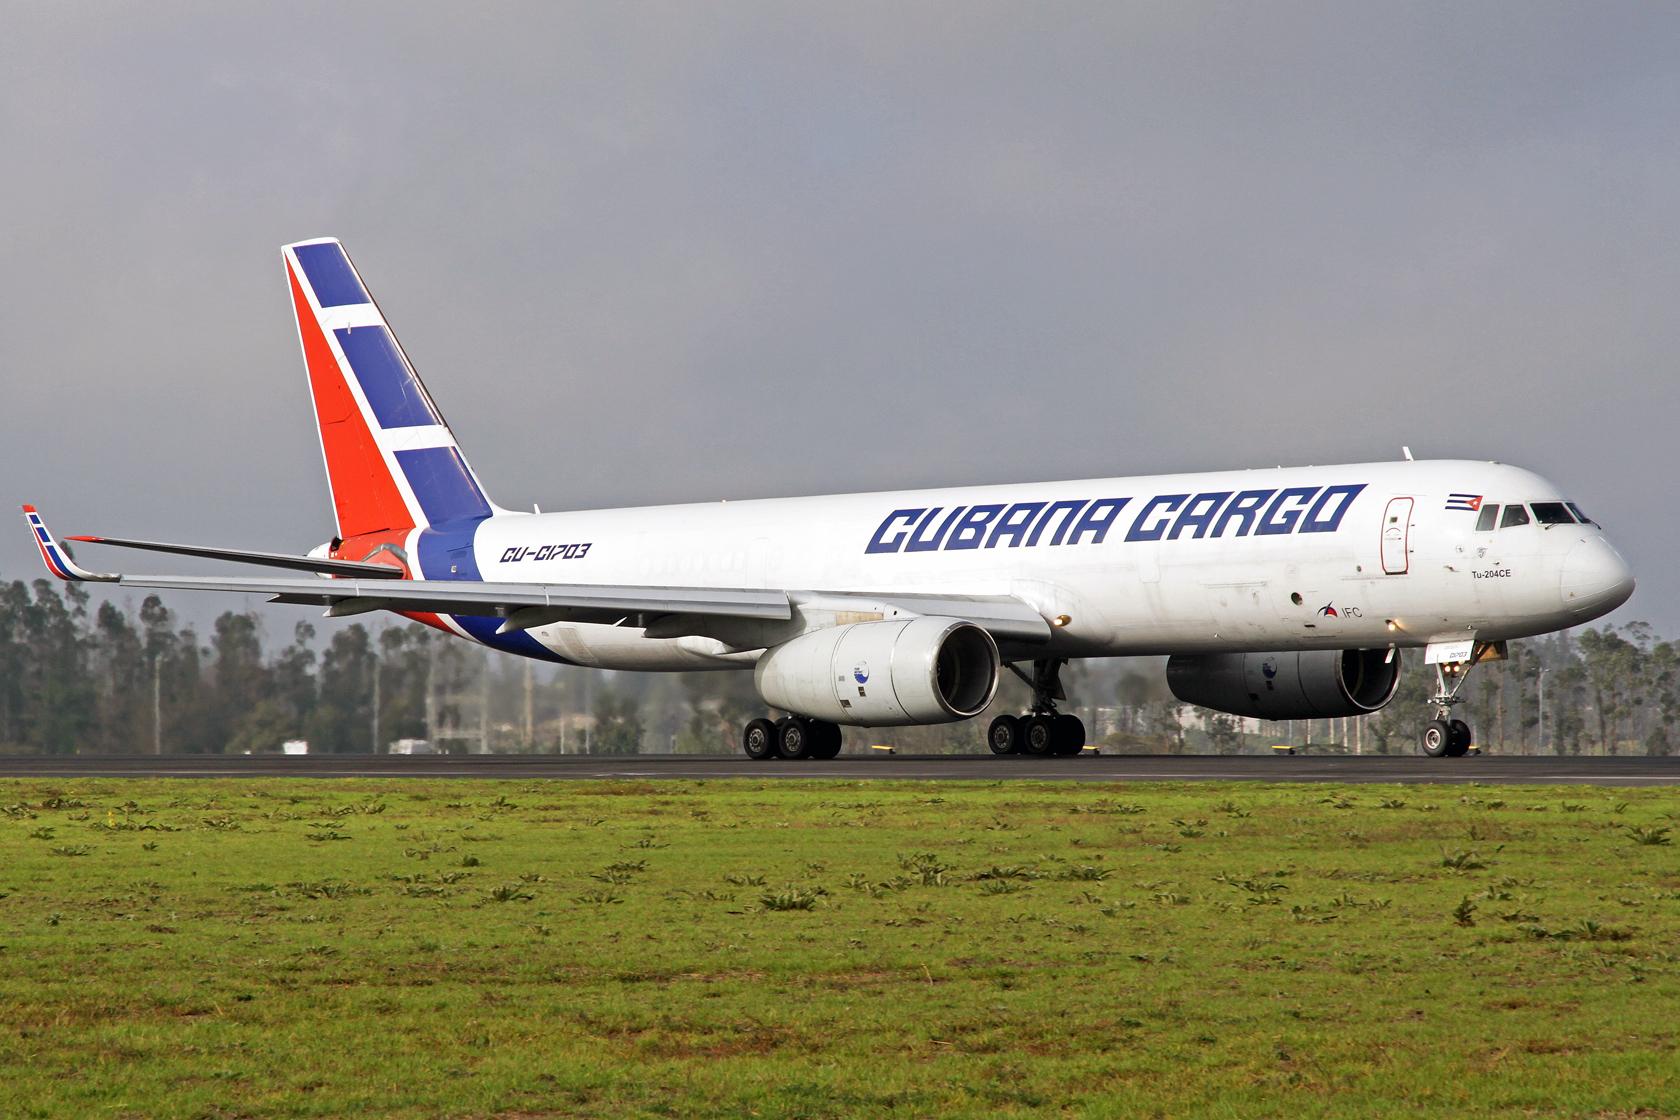 Cubana Cargo Tupolev Tu-204-100SE CU-T1703 - Mit diesem Vogel hatten wir viel Glück, er sollte schon um 07:00 Uhr starten, ging dann aber mit einer zweistündigen Verspätung auf die Heimreise und so konnten wir ihn noch ablichten...